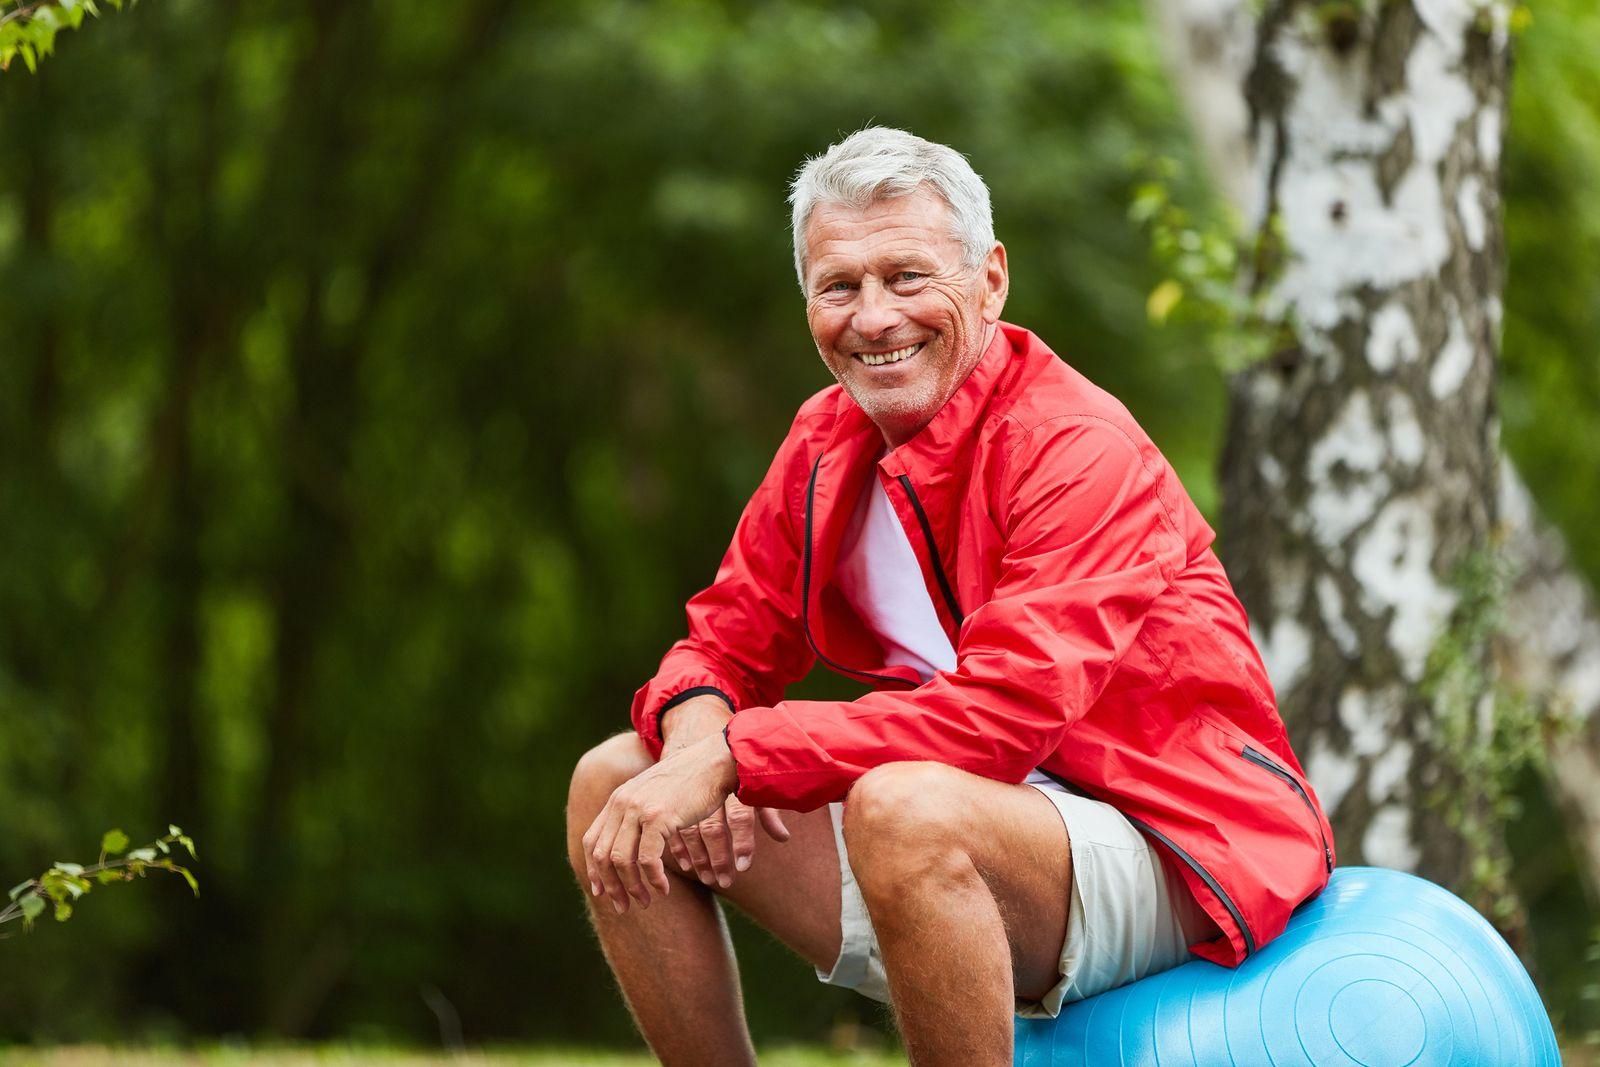 Happy sporty senior man is sitting on a gym ball